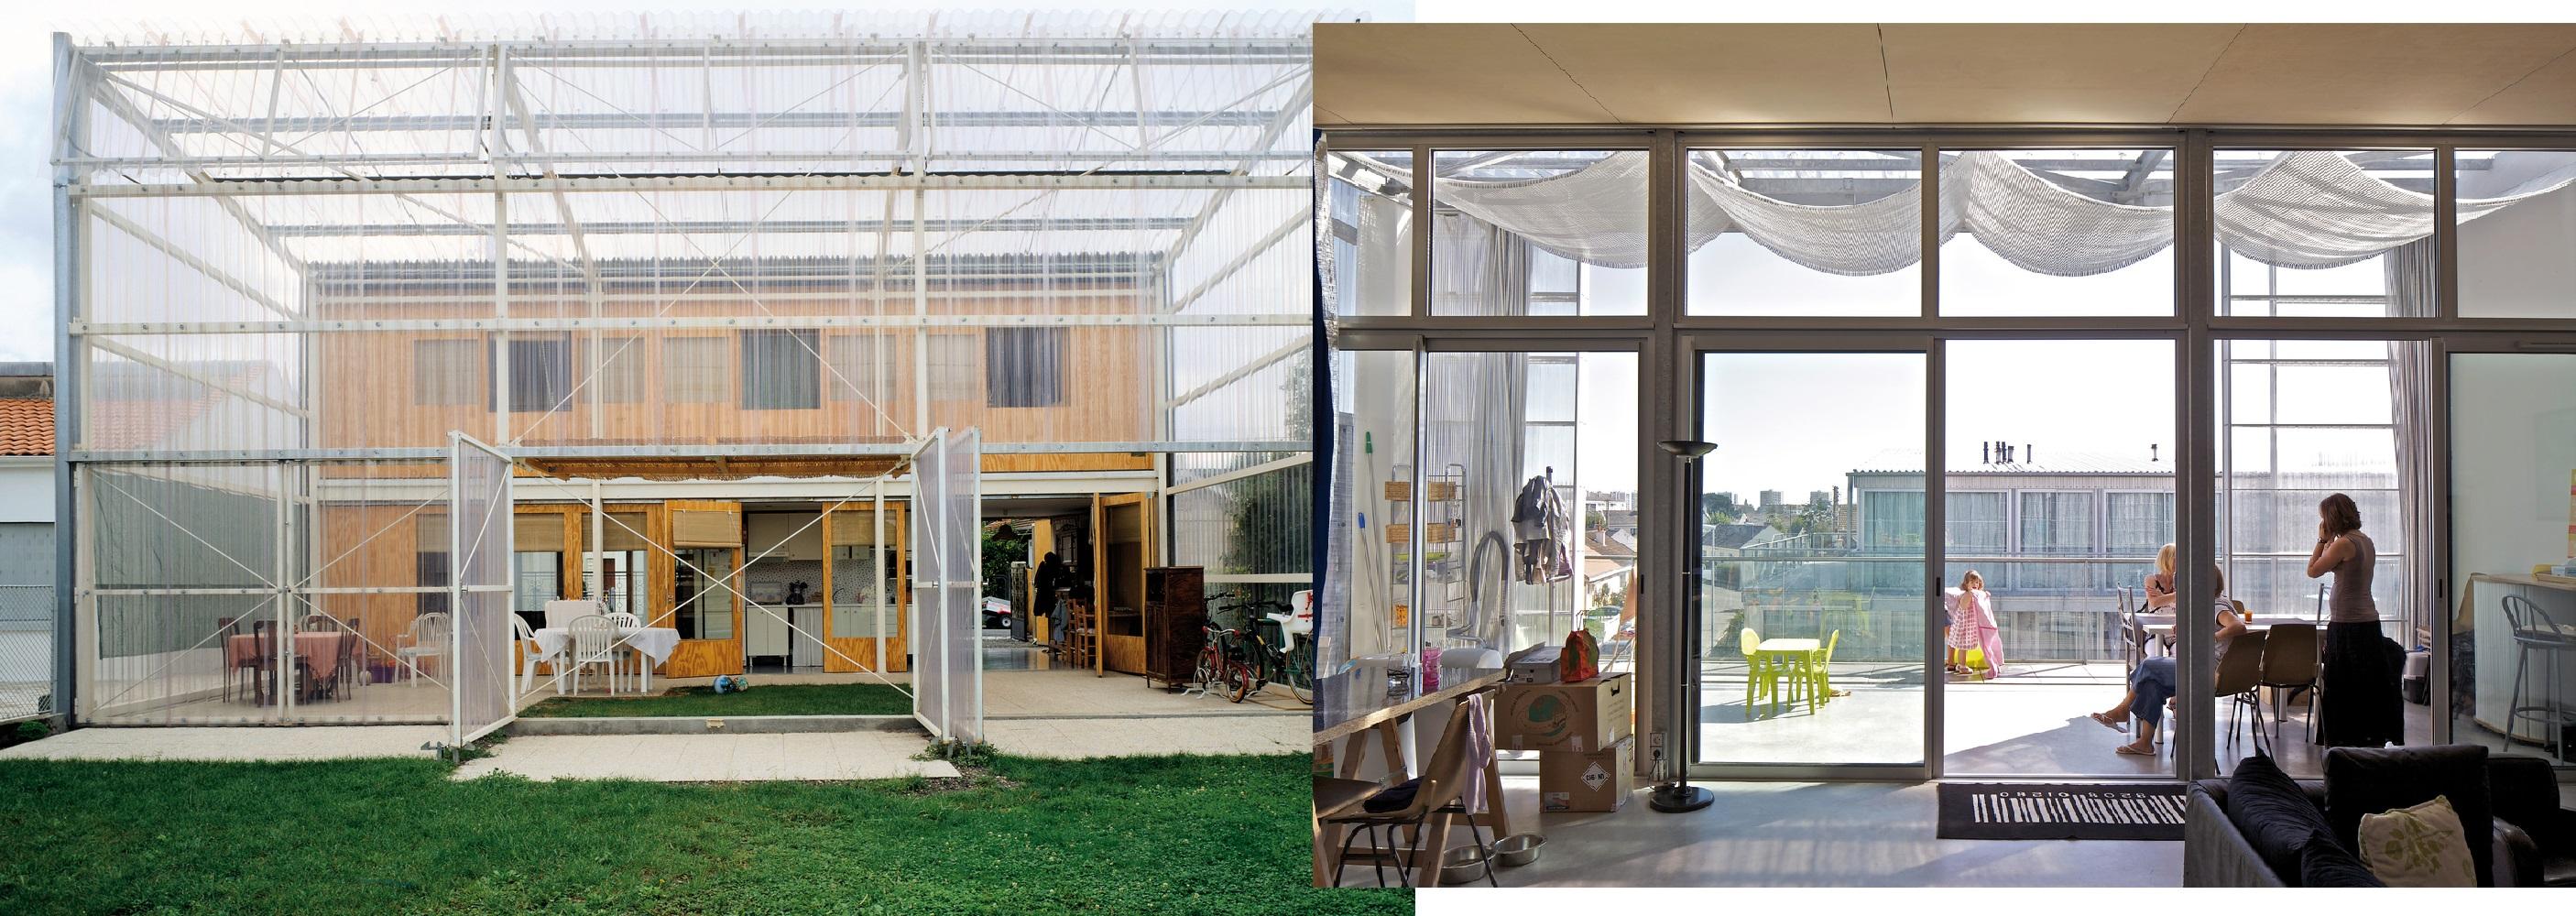 Дома Latapie во Флоираке, фото: официальный сайт архитектурного бюро Lacaton & Vassal